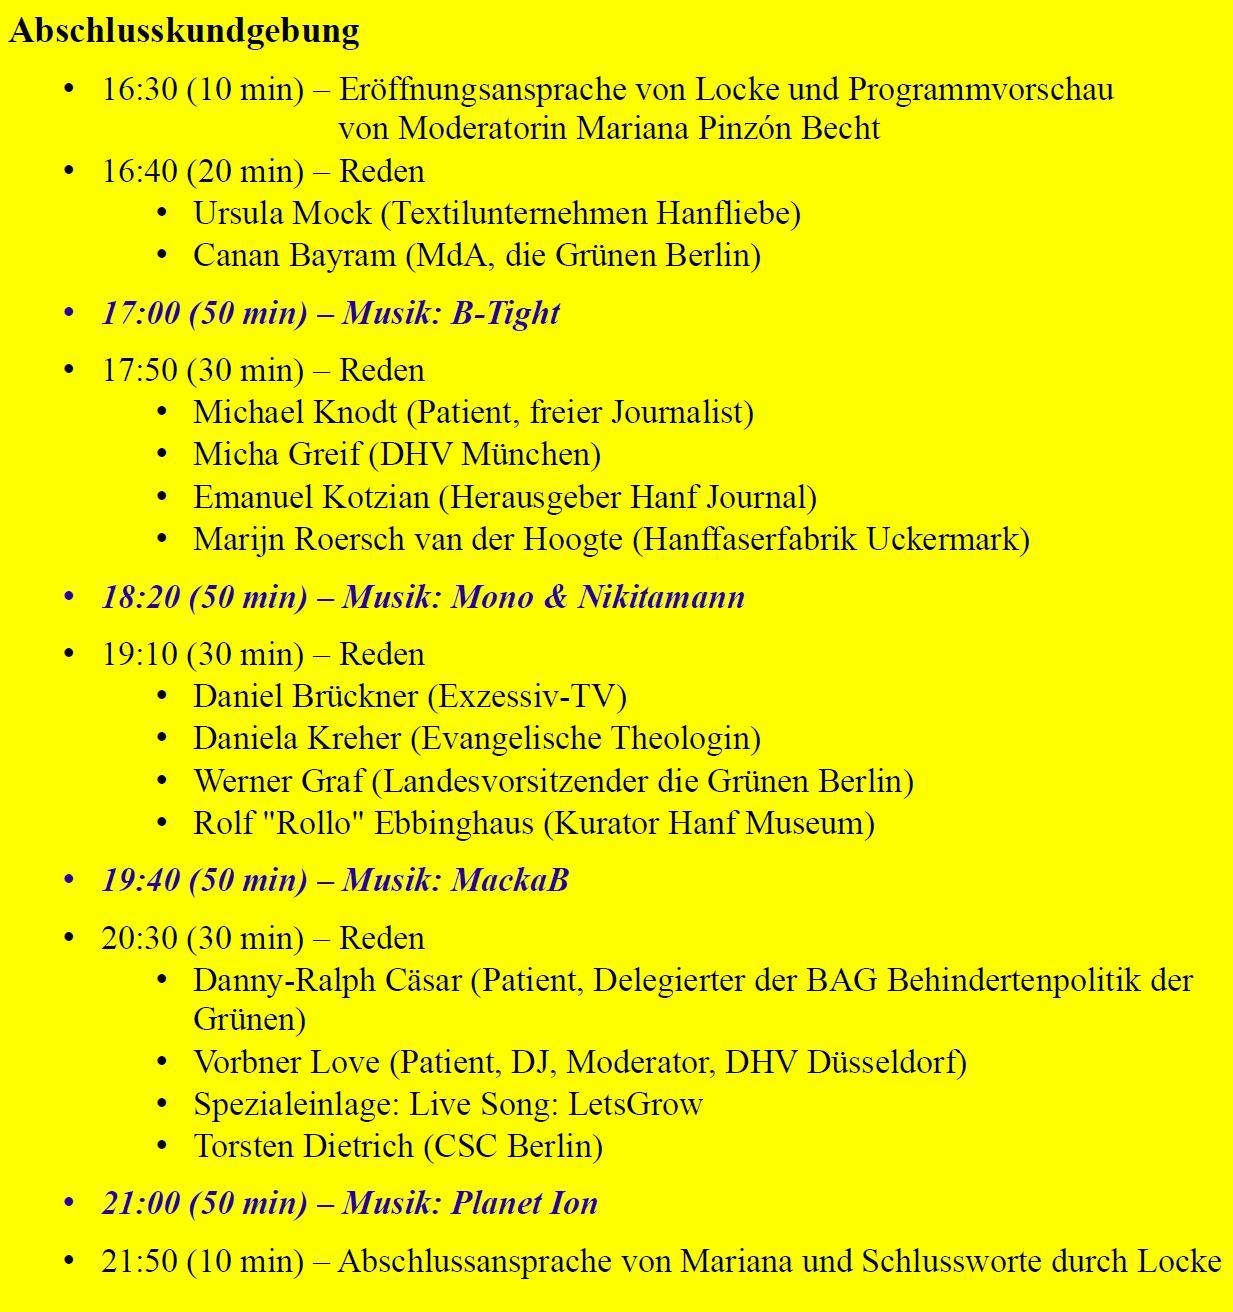 Abbildung 4 zeigt das Programm der Abschlusskundgebung der Hanfparade 2017